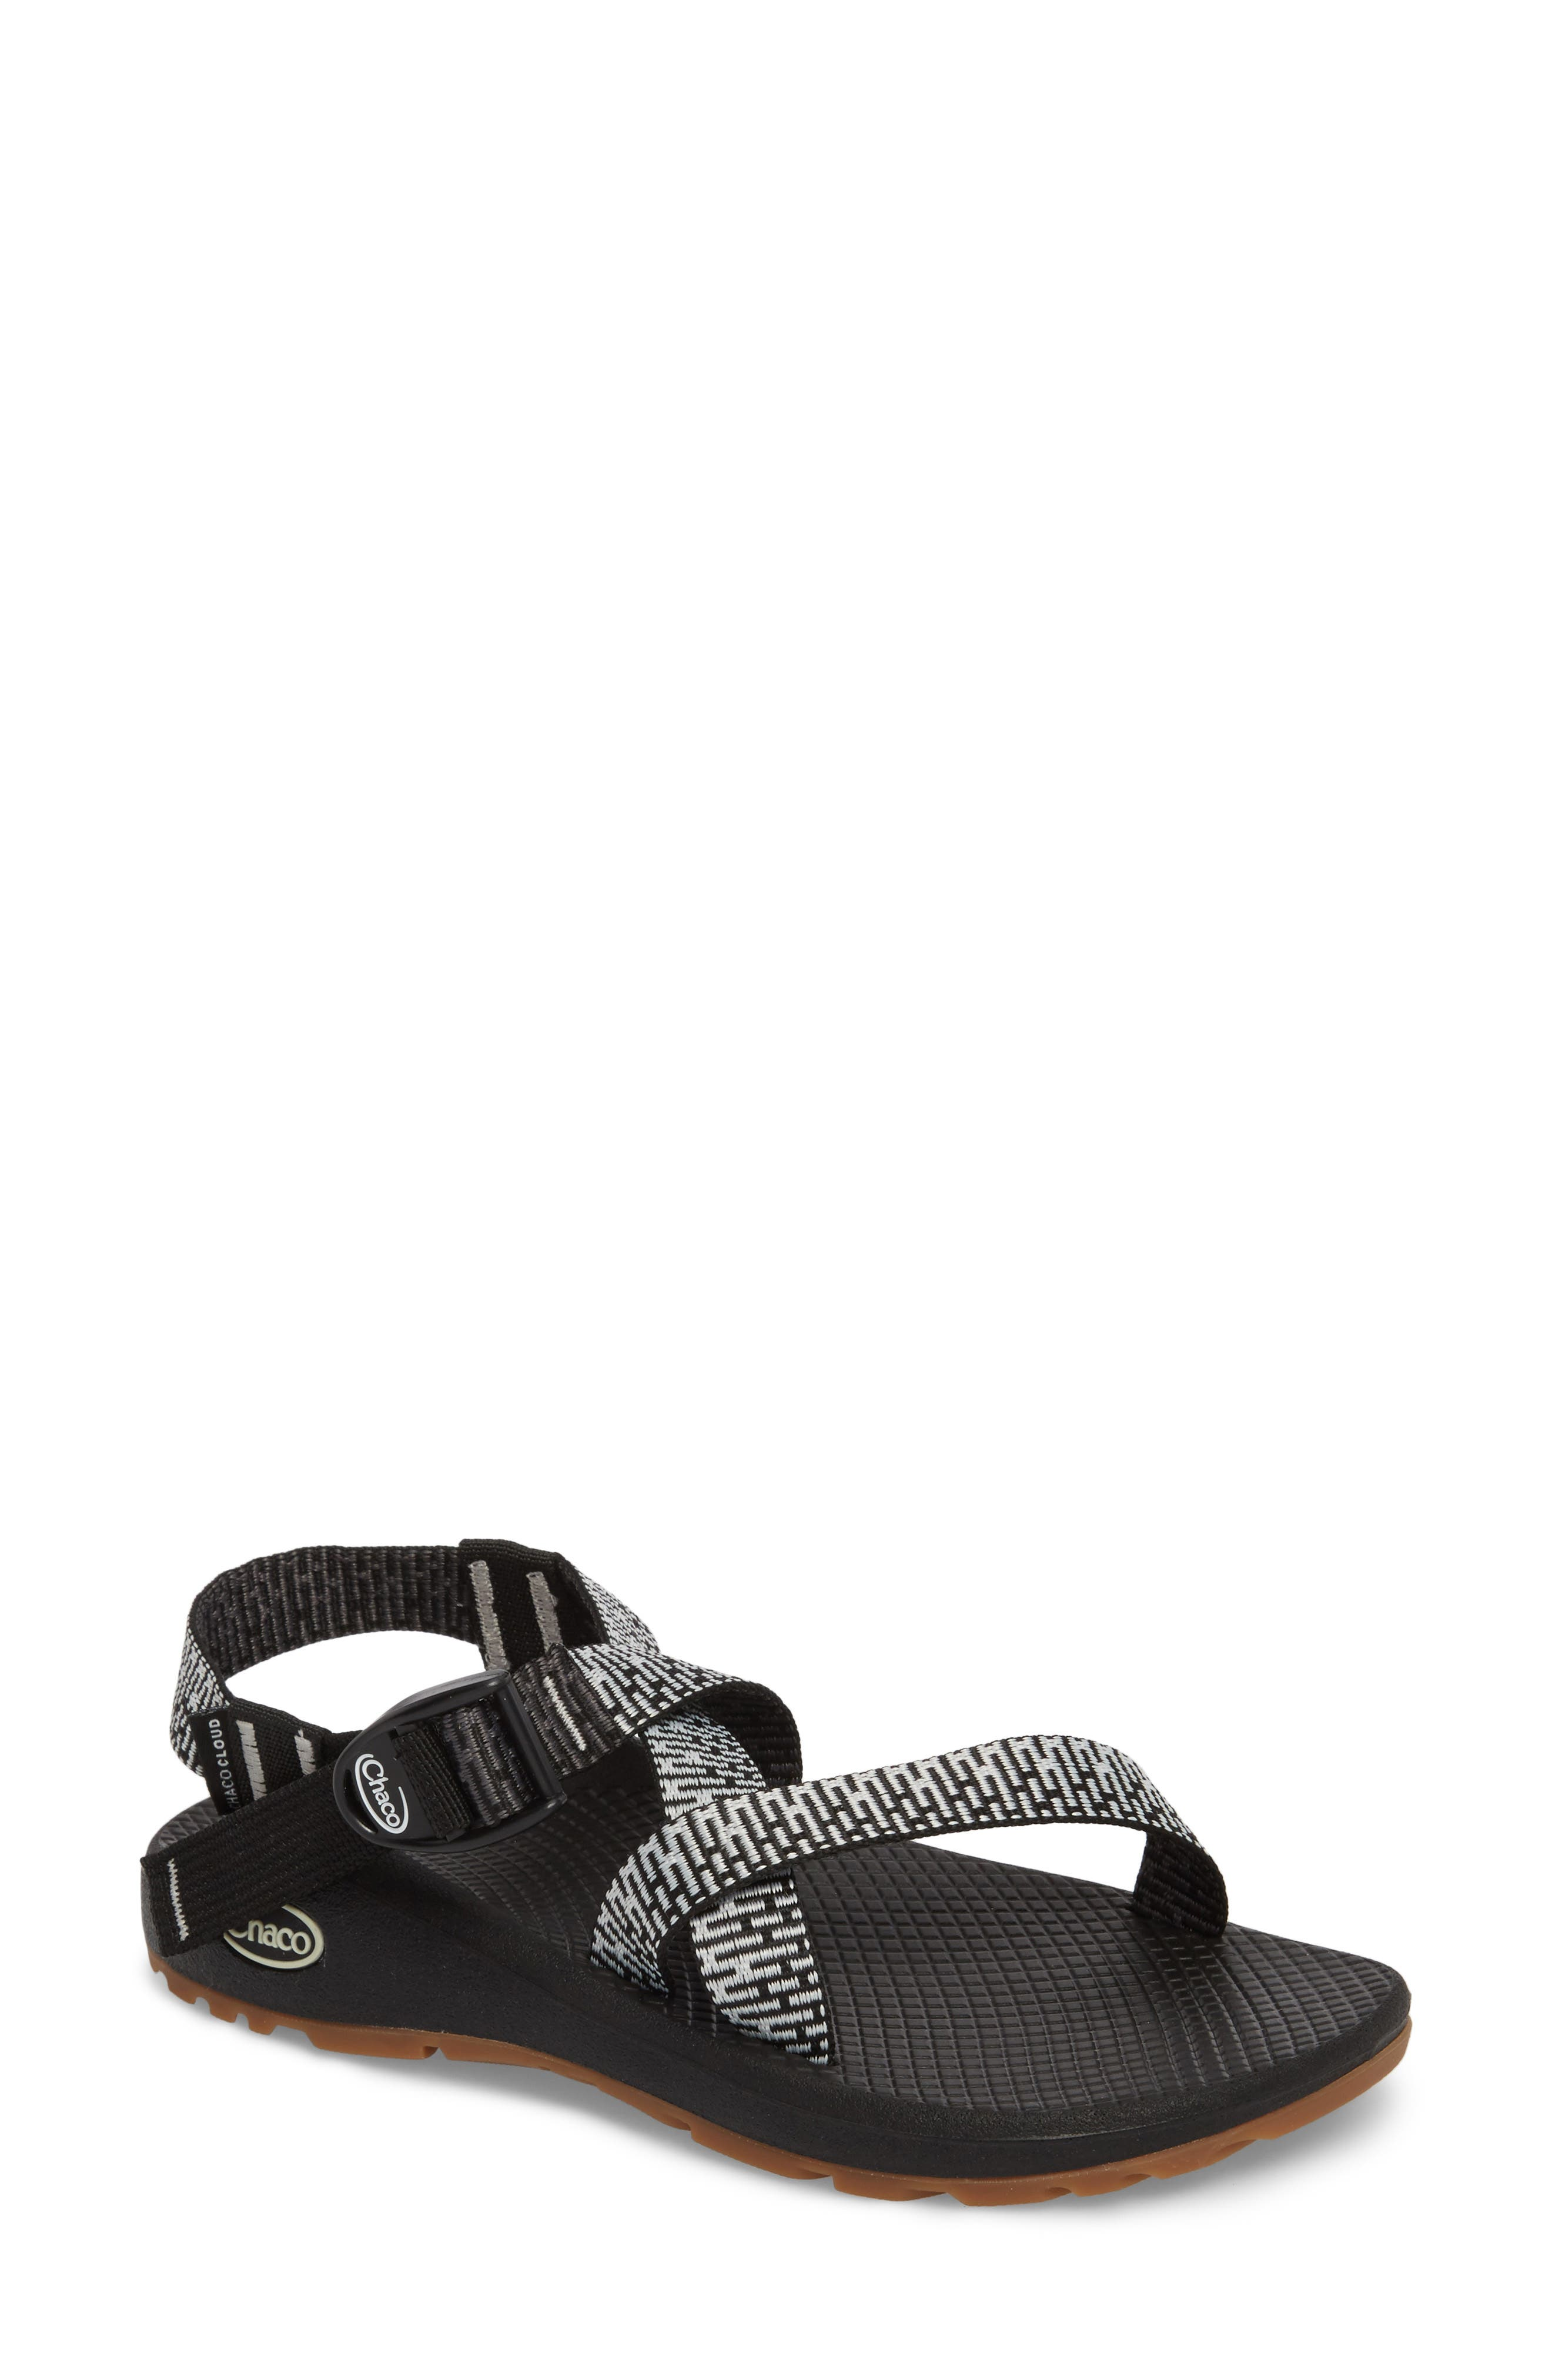 Z/Cloud Sandal,                         Main,                         color, Penny Black